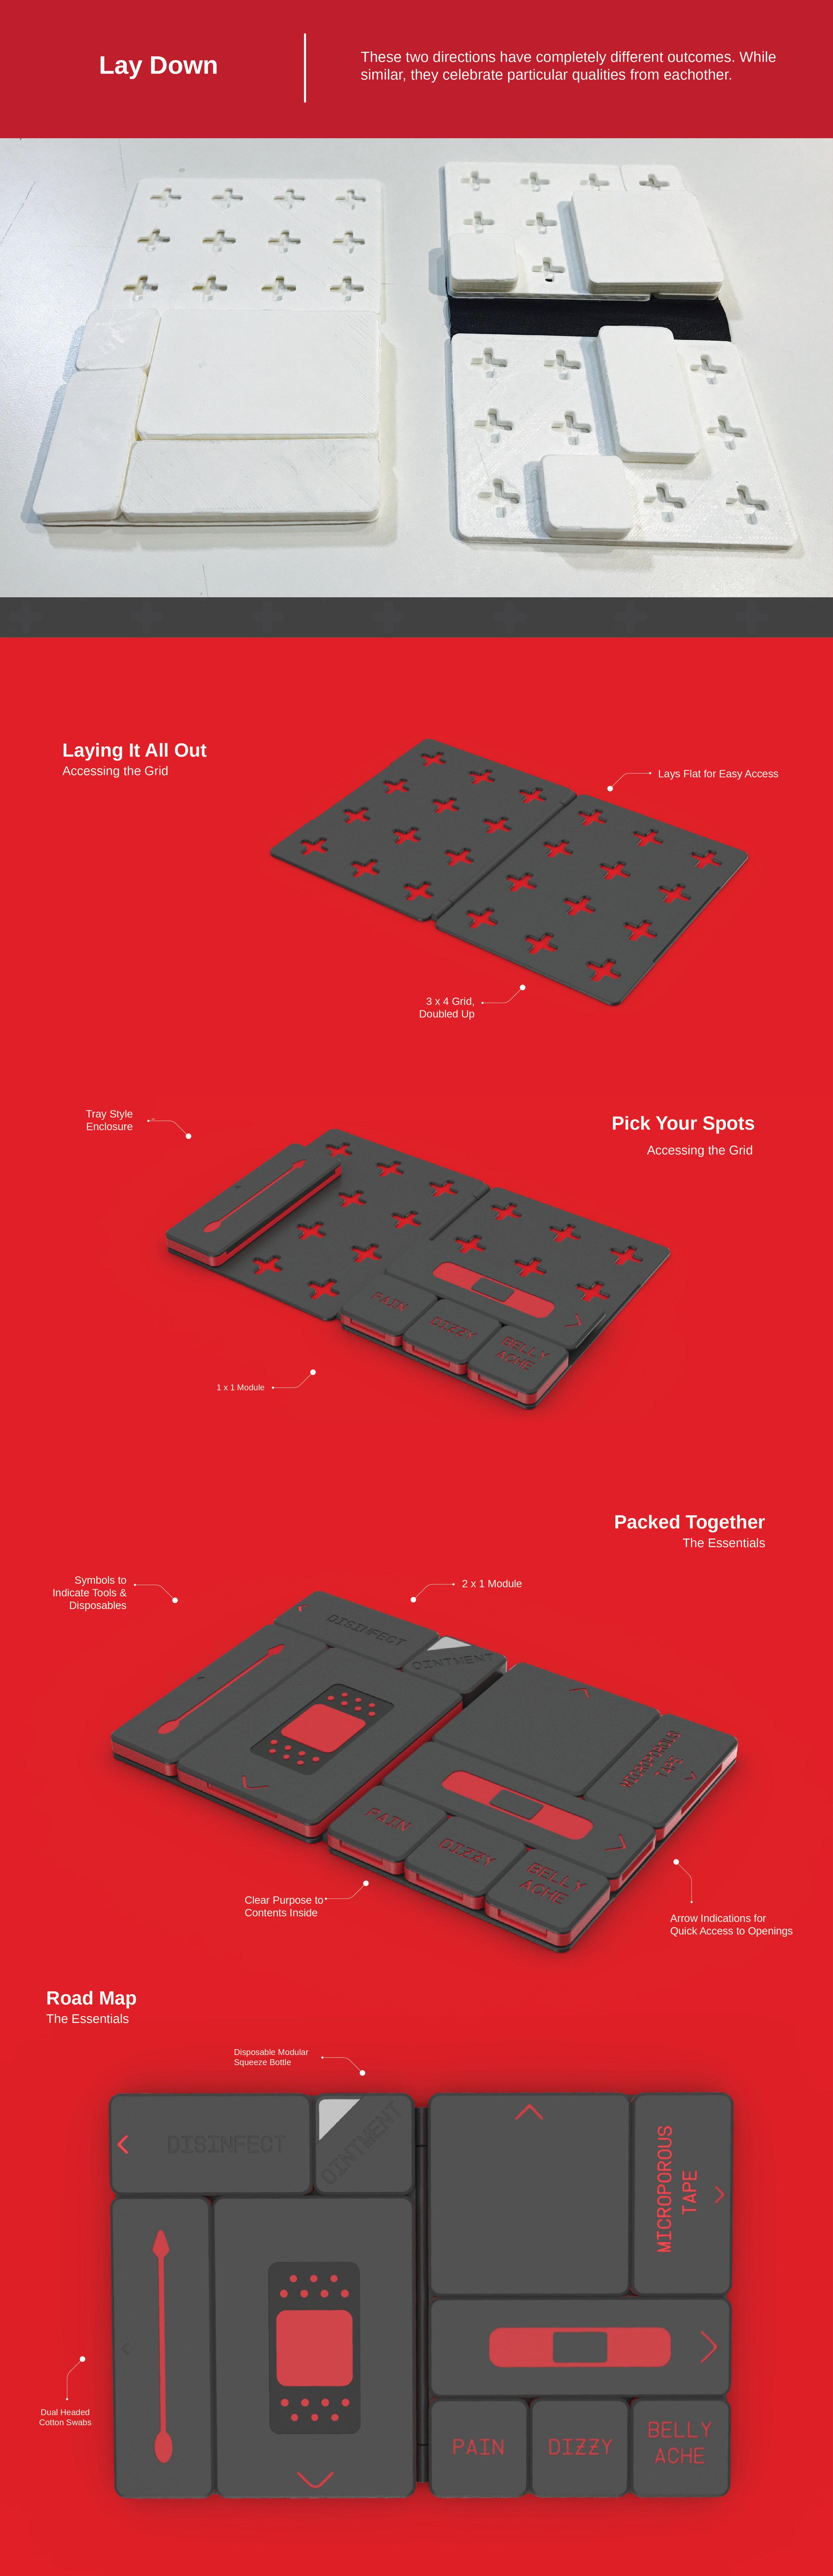 mFAK-v3-presentation8.jpg